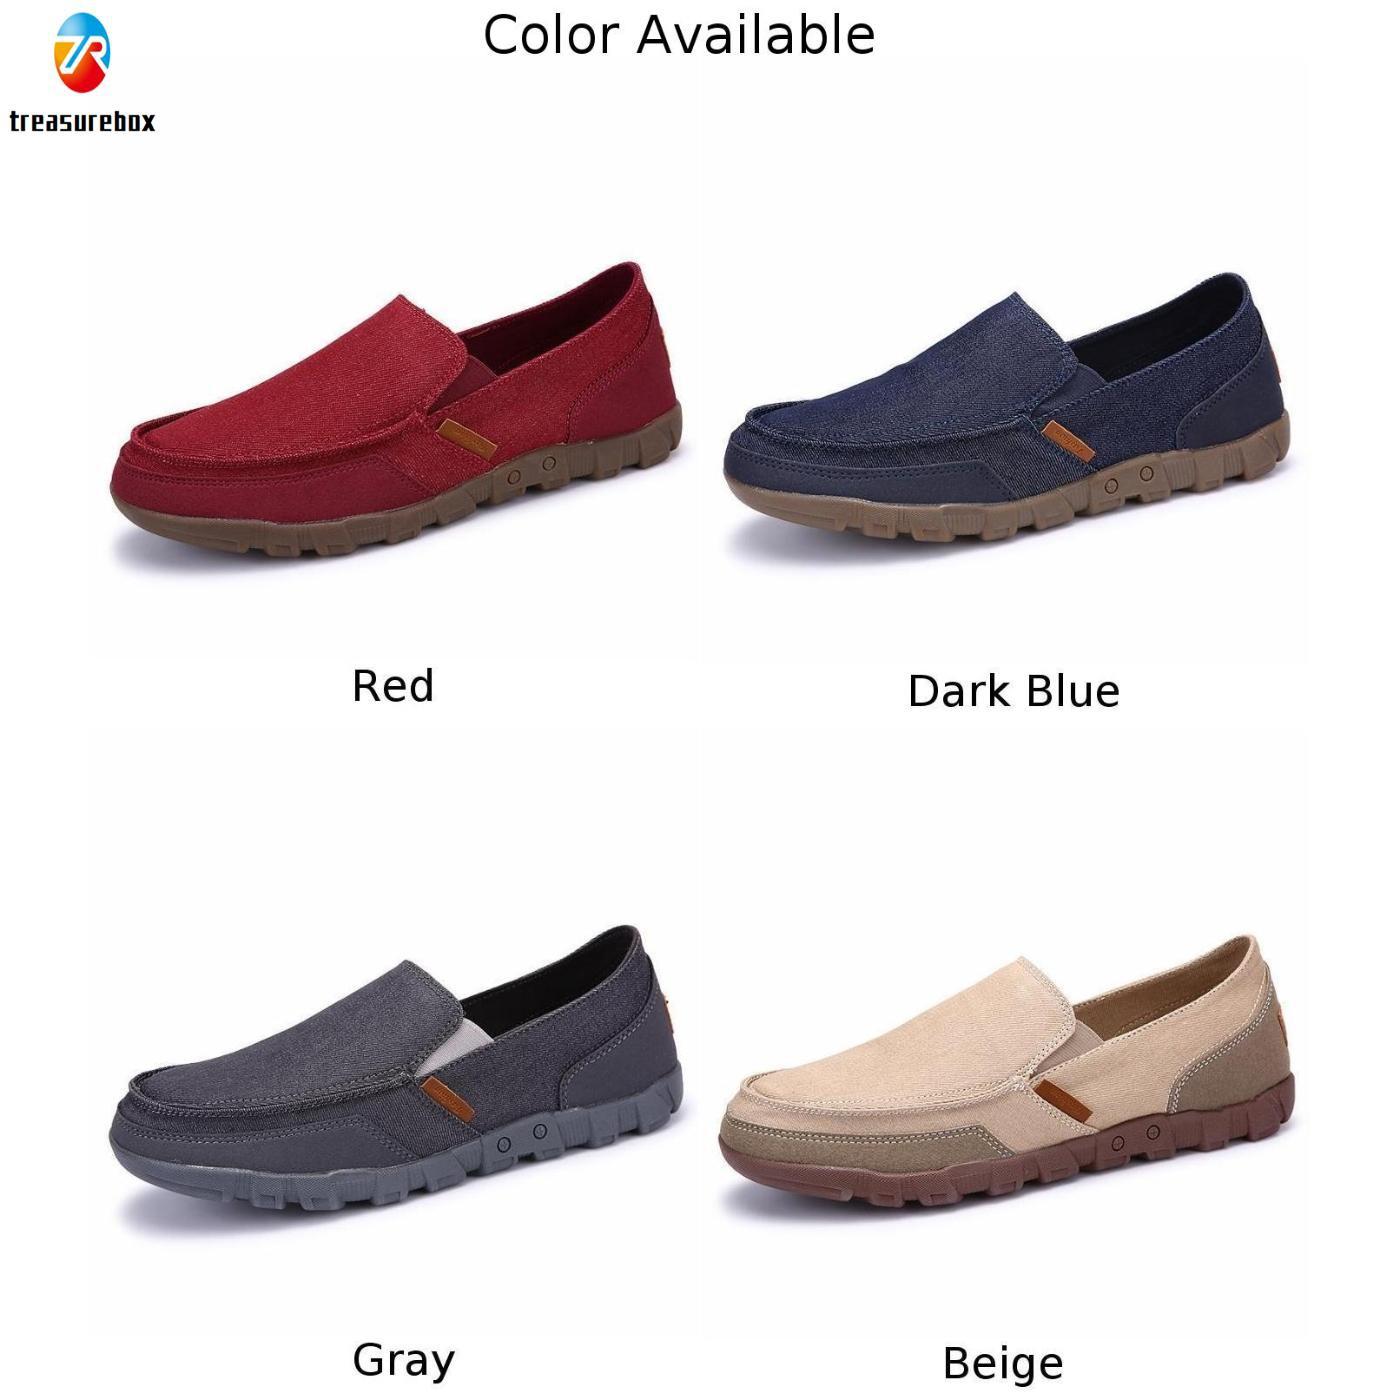 Giày Lười Đế Bằng 4 Màu Tùy Chọn Mẫu Mới Thời Trang Xuân Thu